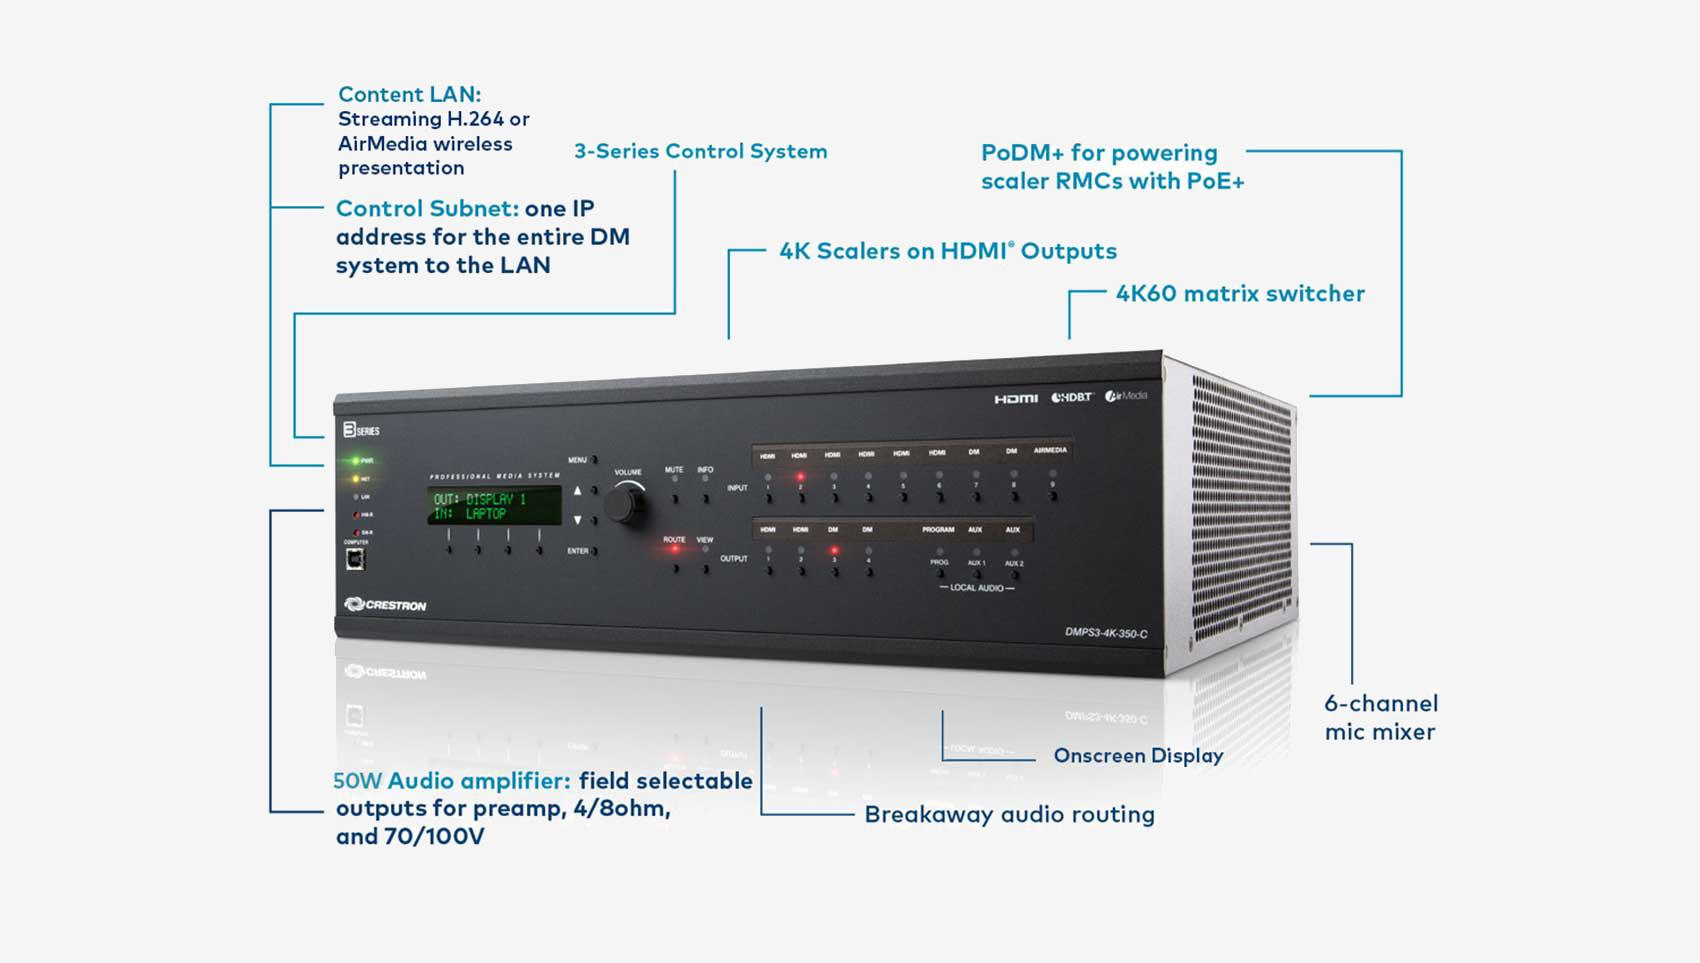 DMPS3 Series [Crestron Electronics, Inc ]